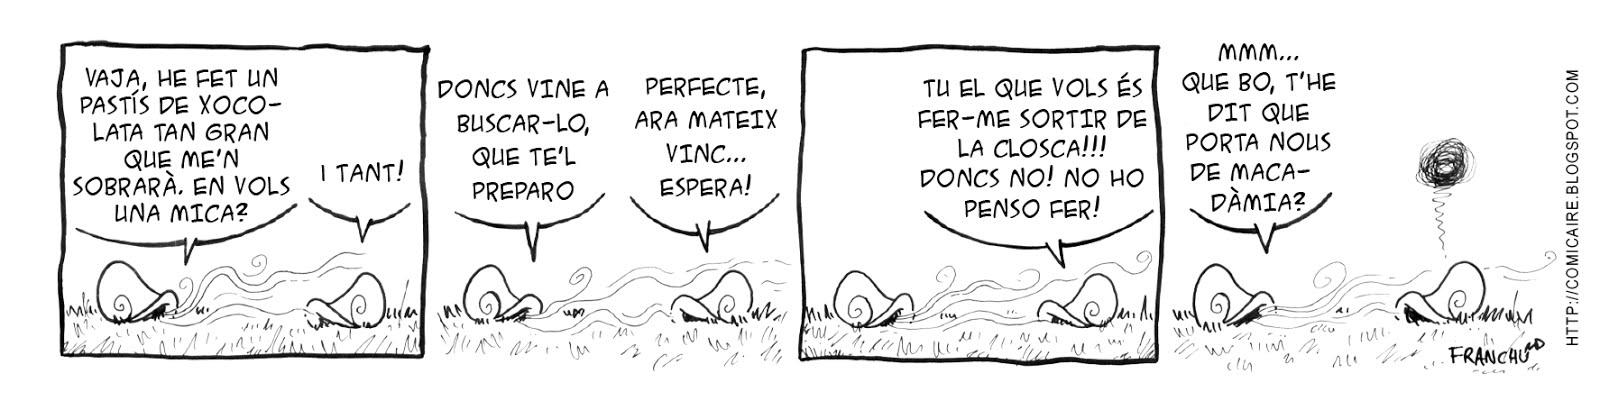 Tira comica 140 del webcomic Cargols del dibuixant Franchu de Barcelona